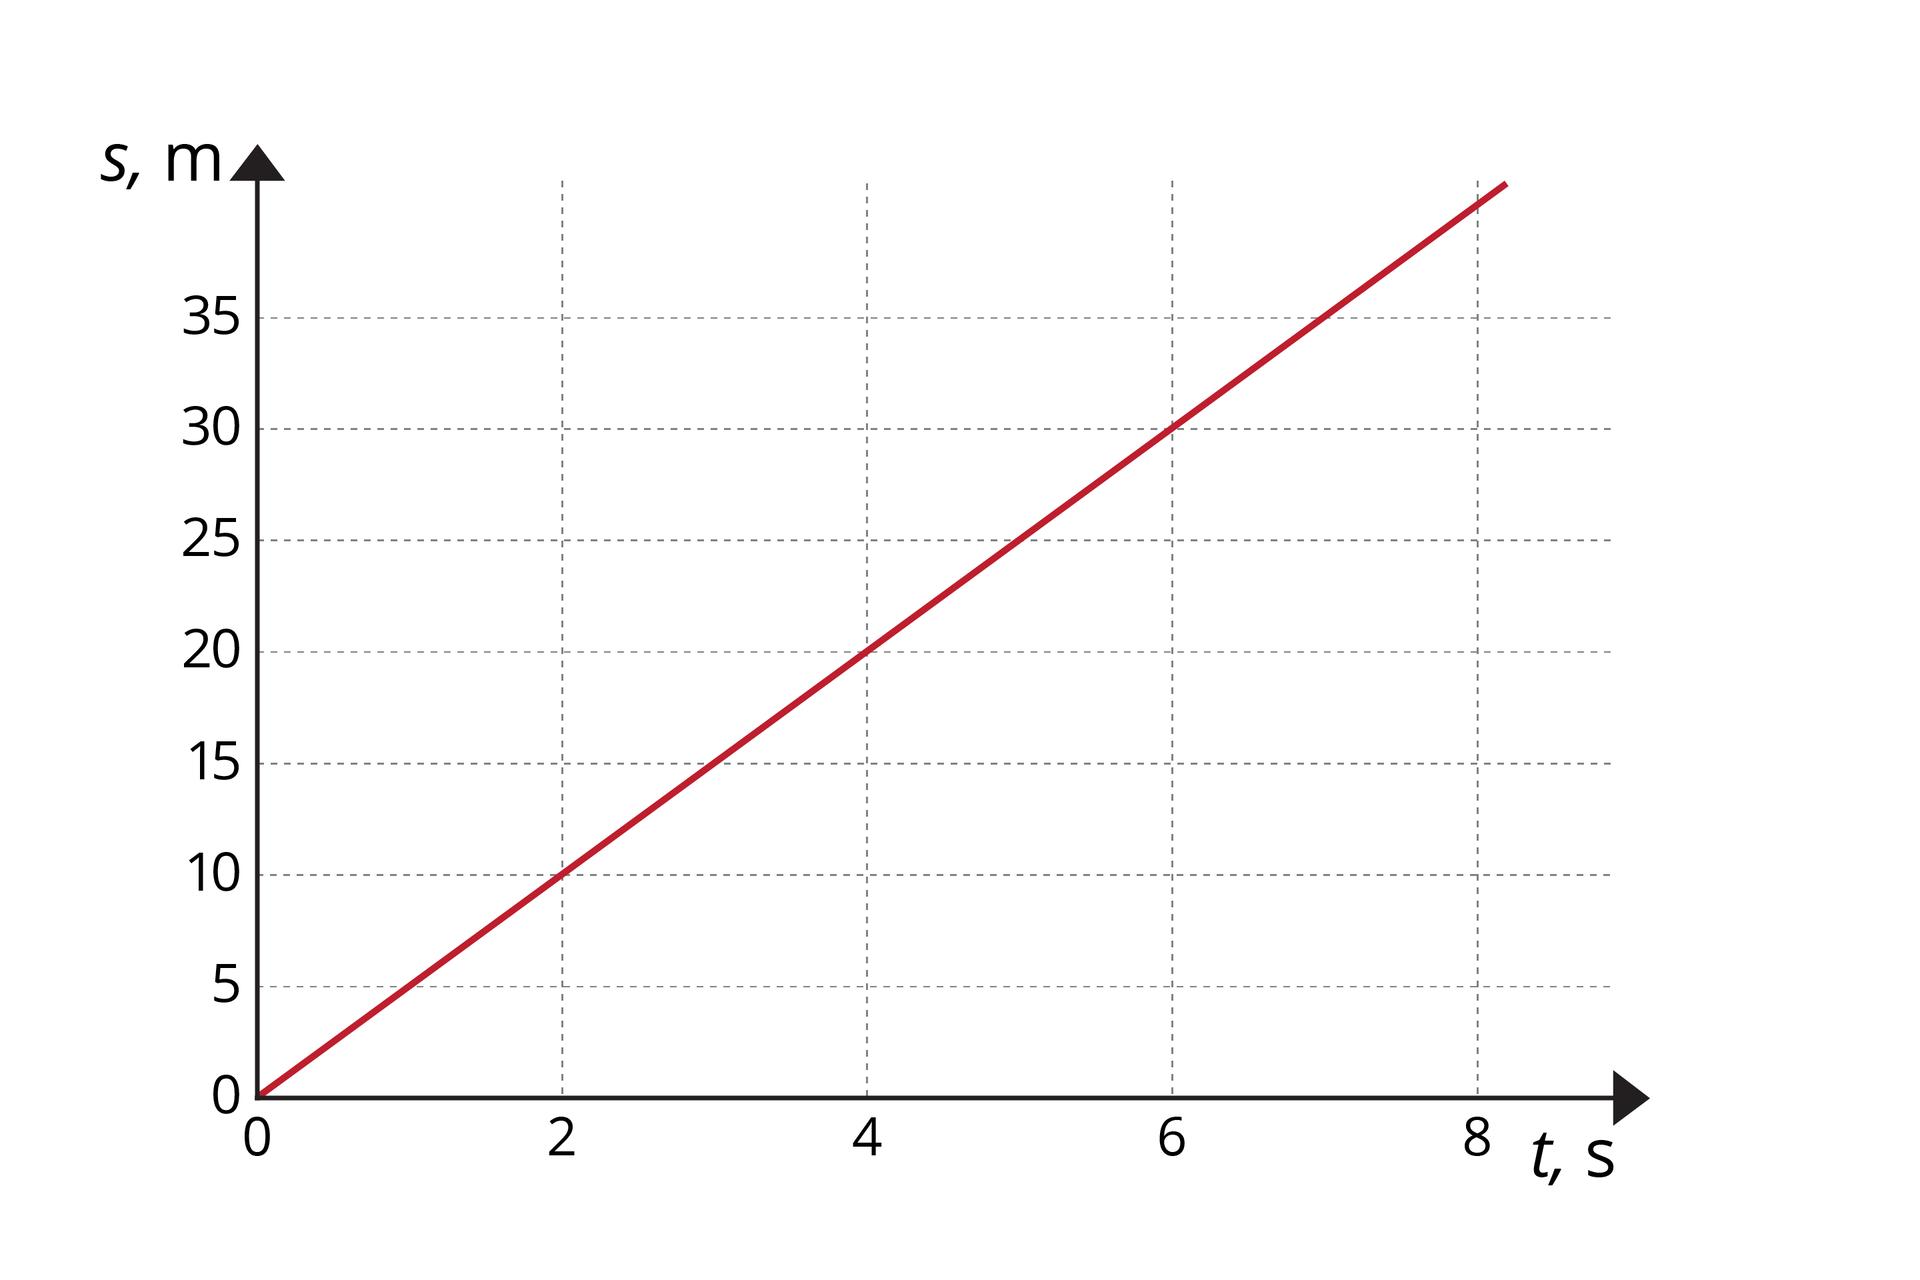 """Schemat przedstawia wykres zależności drogi od czasu. Opis osi: oś odciętych - od 0 do 8, co 2, opisana """"t, s""""; oś rzędnych – od 0 do 35, co 5, opisana """"s, m"""". Na osi narysowano czerwony odcinek, mający początek wpoczątku układu współrzędnych. Odcinek nachylony do osi odciętych pod kątem około 45 stopni. Zwykresu można odczytać, że odcinek przechodzi na przykład przez punkty (2, 10) i(6, 30)."""